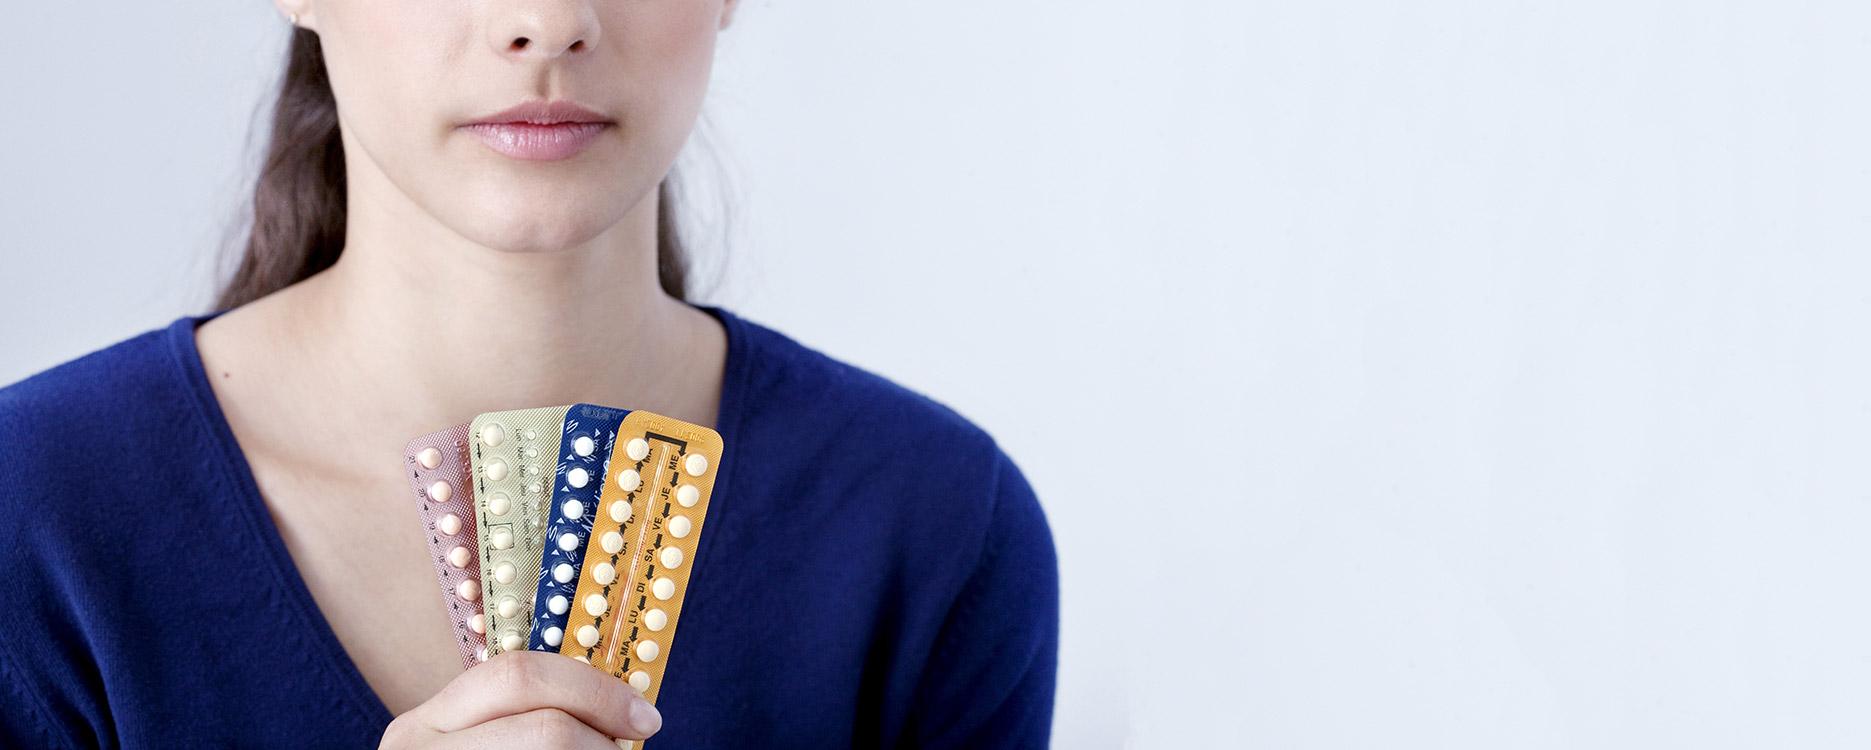 La contraception apr s l accouchement gyn co - Retour des couches pendant allaitement ...